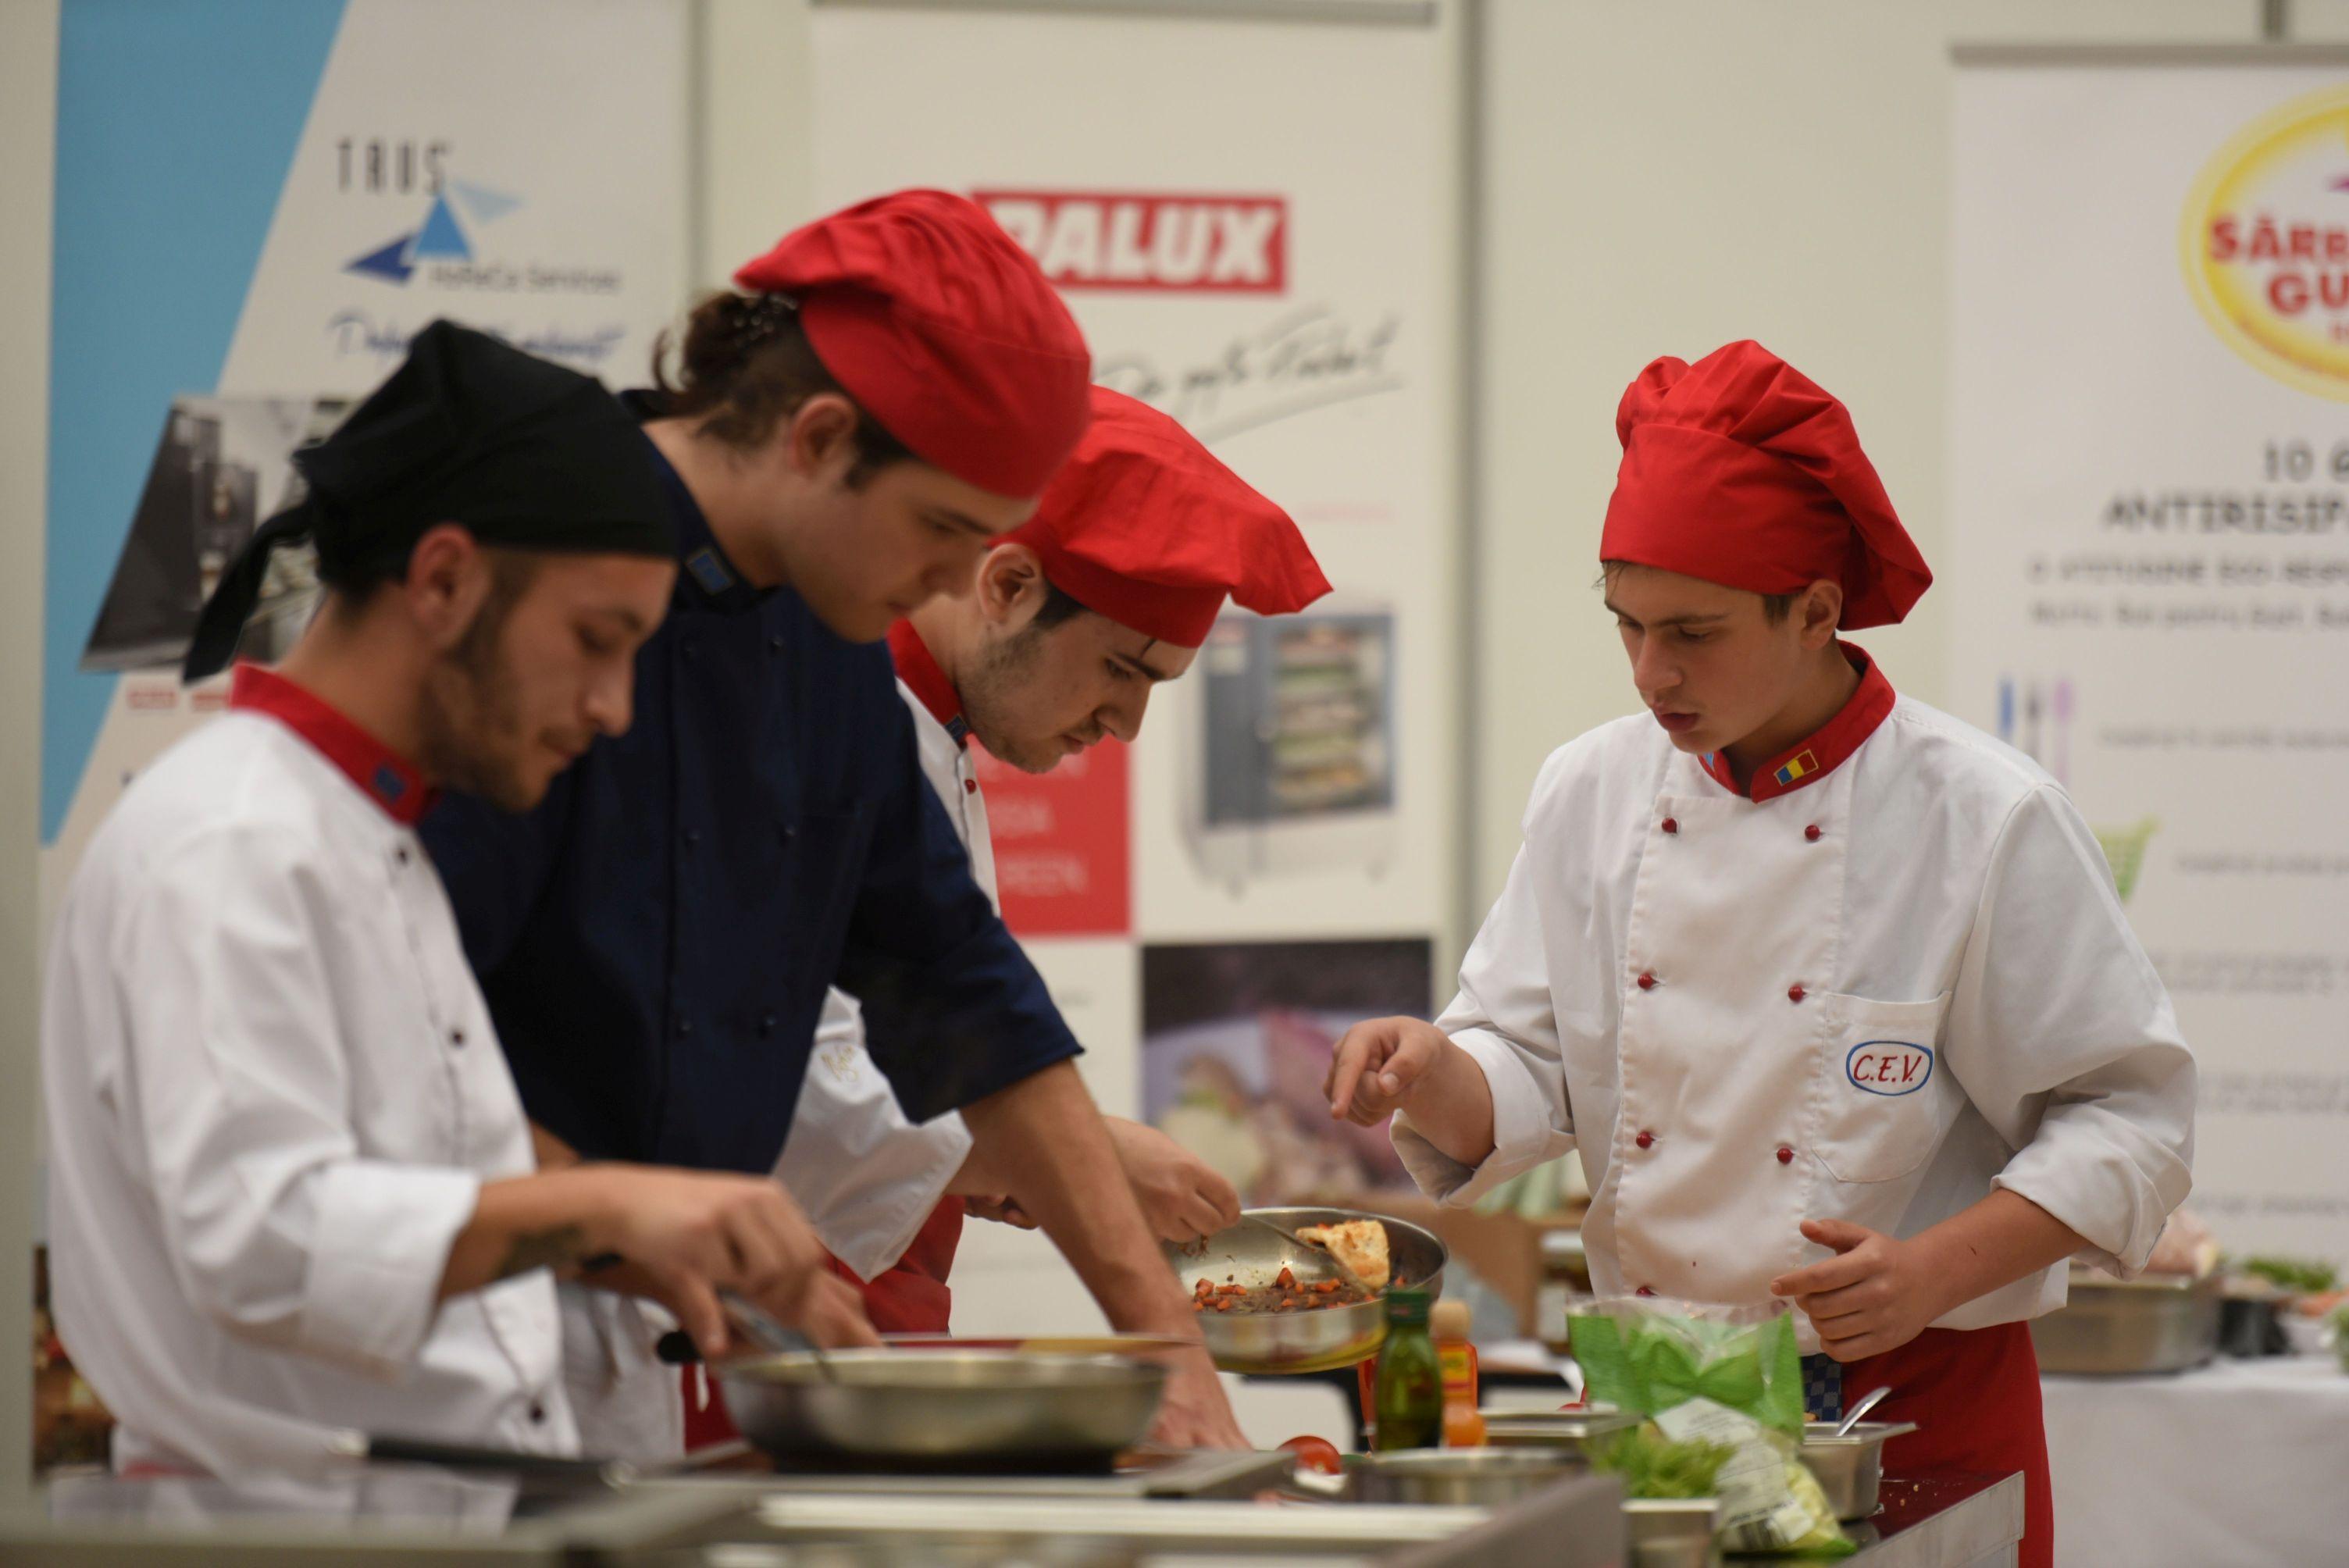 Sarbatoarea_Gustului_Salon_de_Gastronomie_112